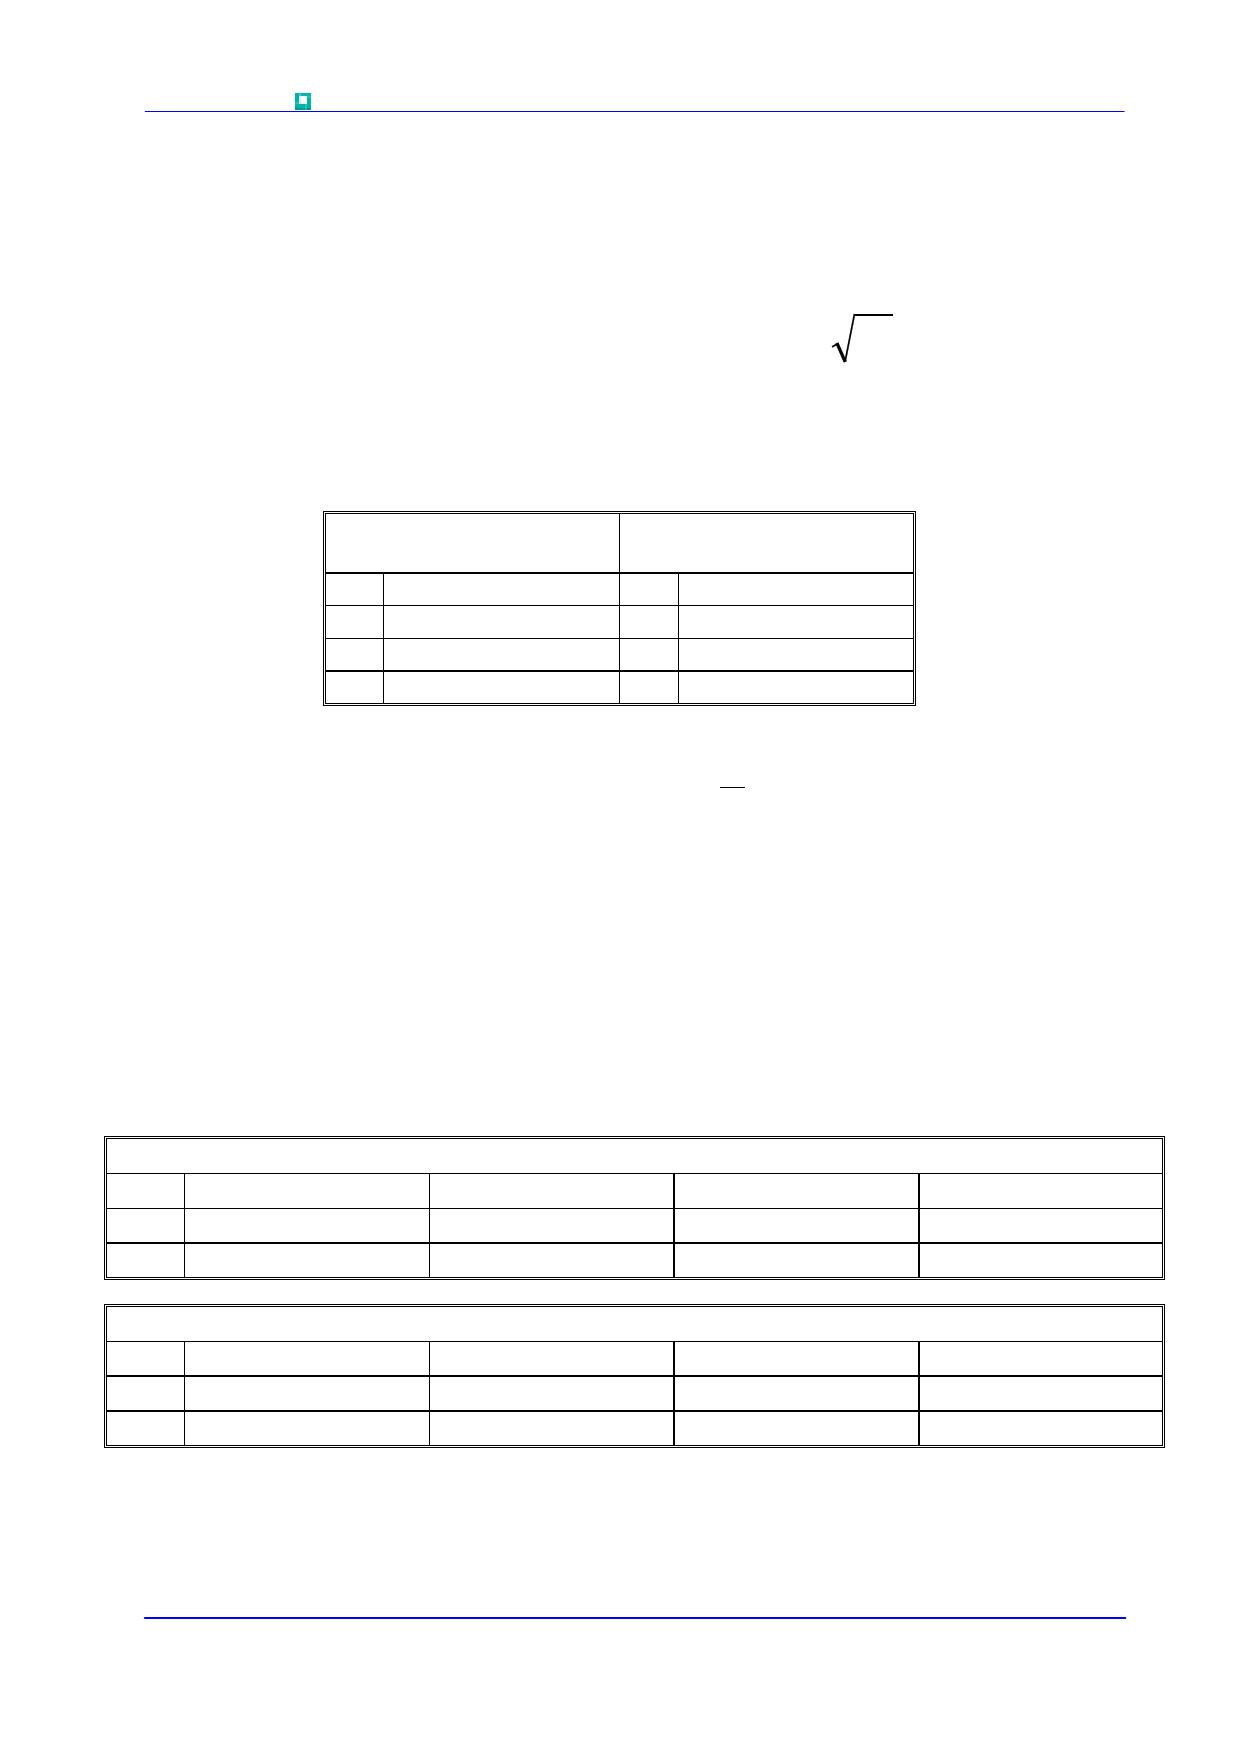 K0349LC640 pdf